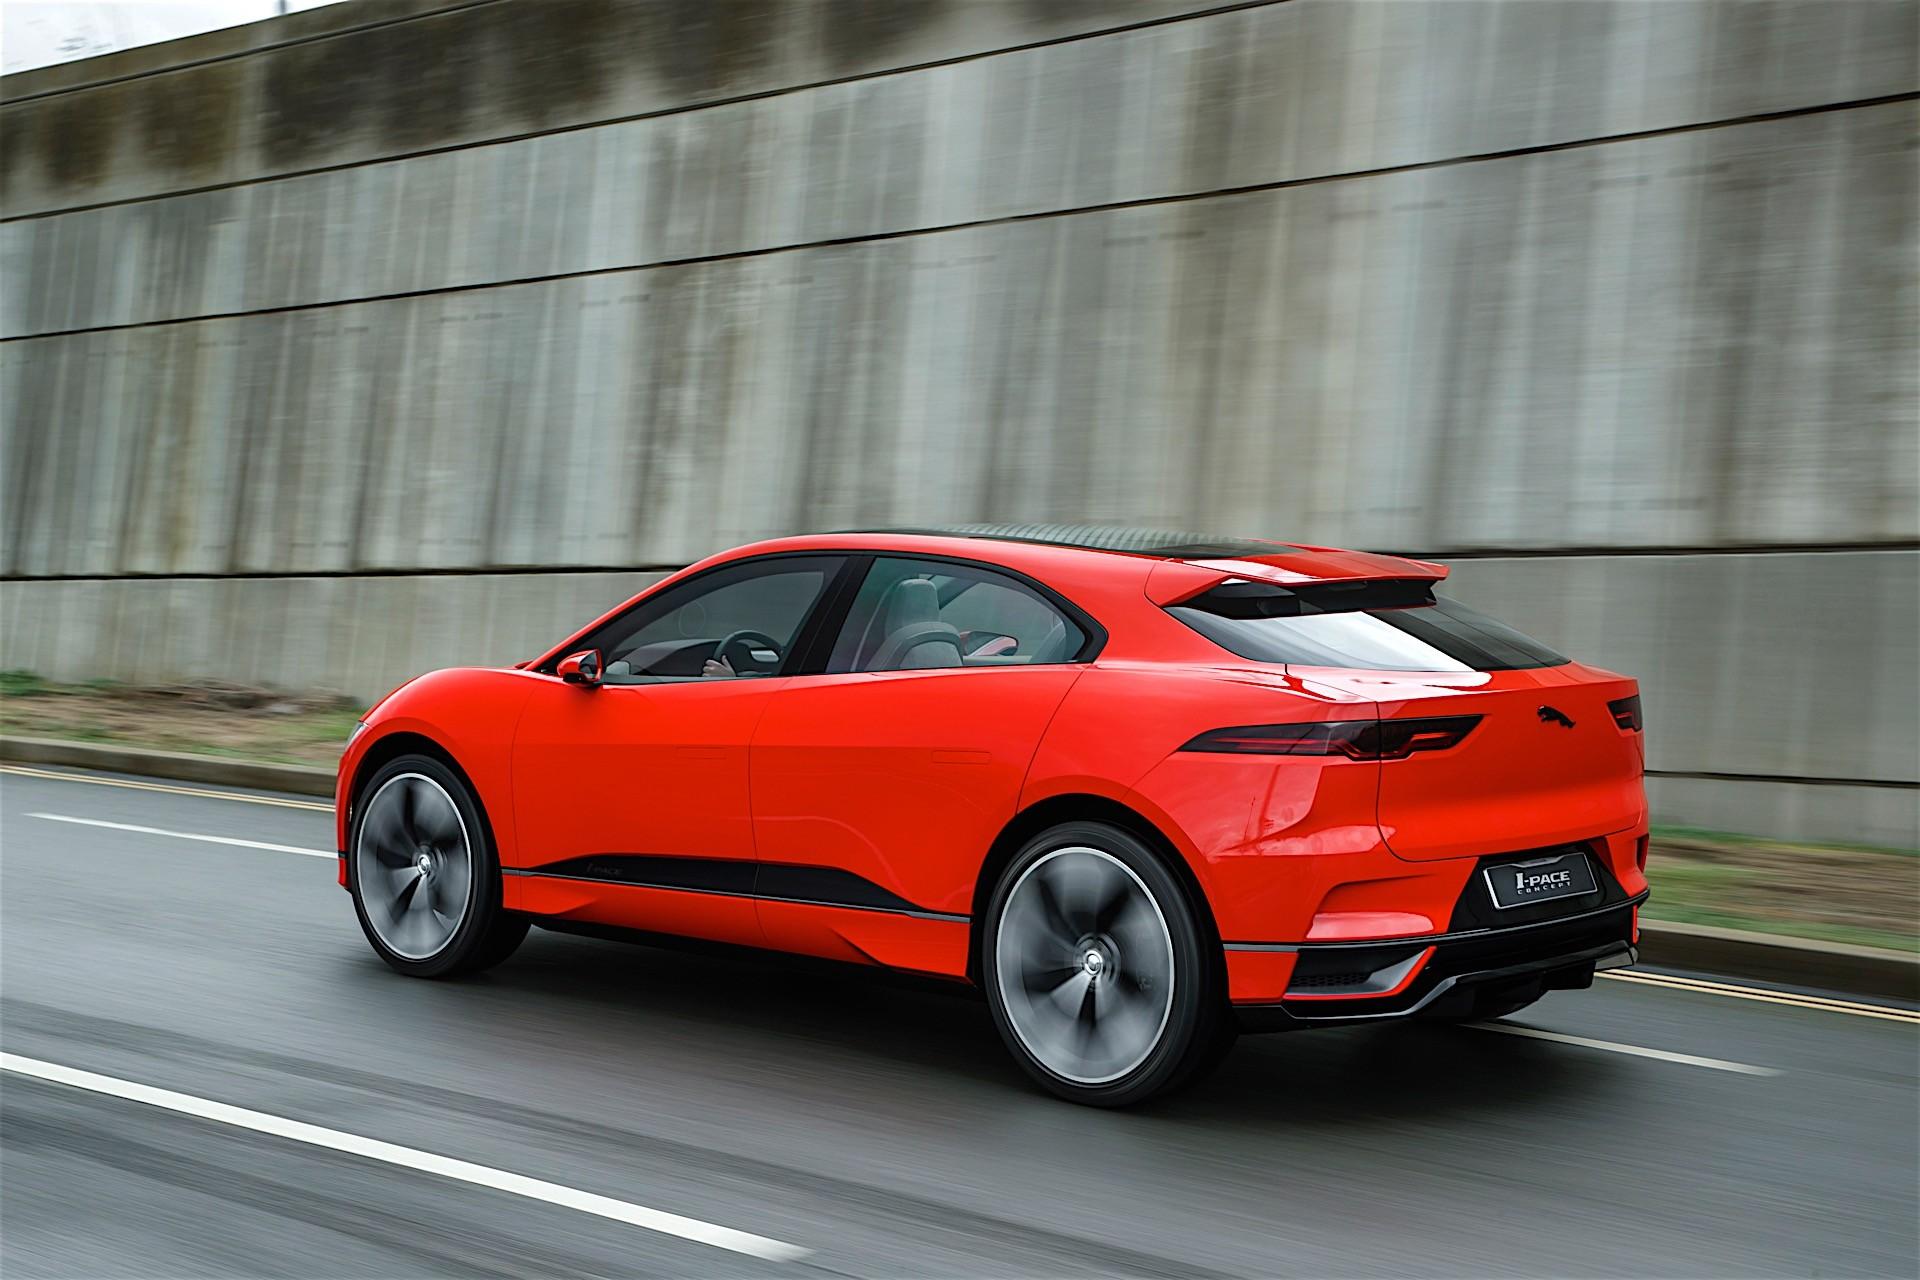 Dit is de 2019 Jaguar i-Pace, een elektrische crossover ...